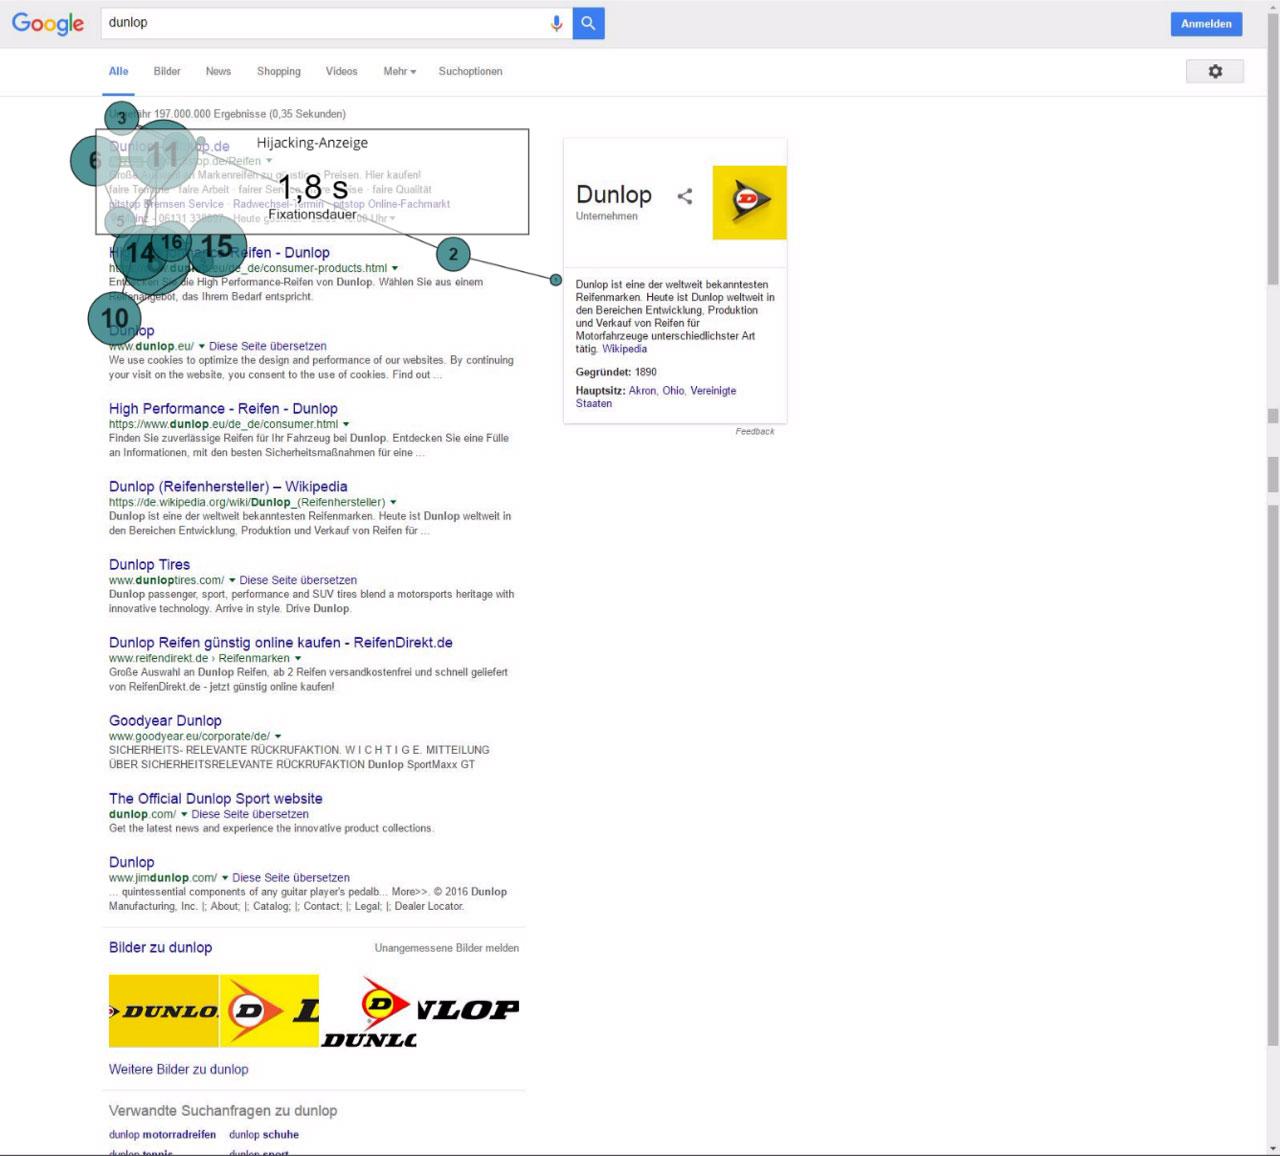 Messung der Augenbewedungen in Google SERPs: 45,7 % der Augenbewegungen fielen auf die Anzeigen.